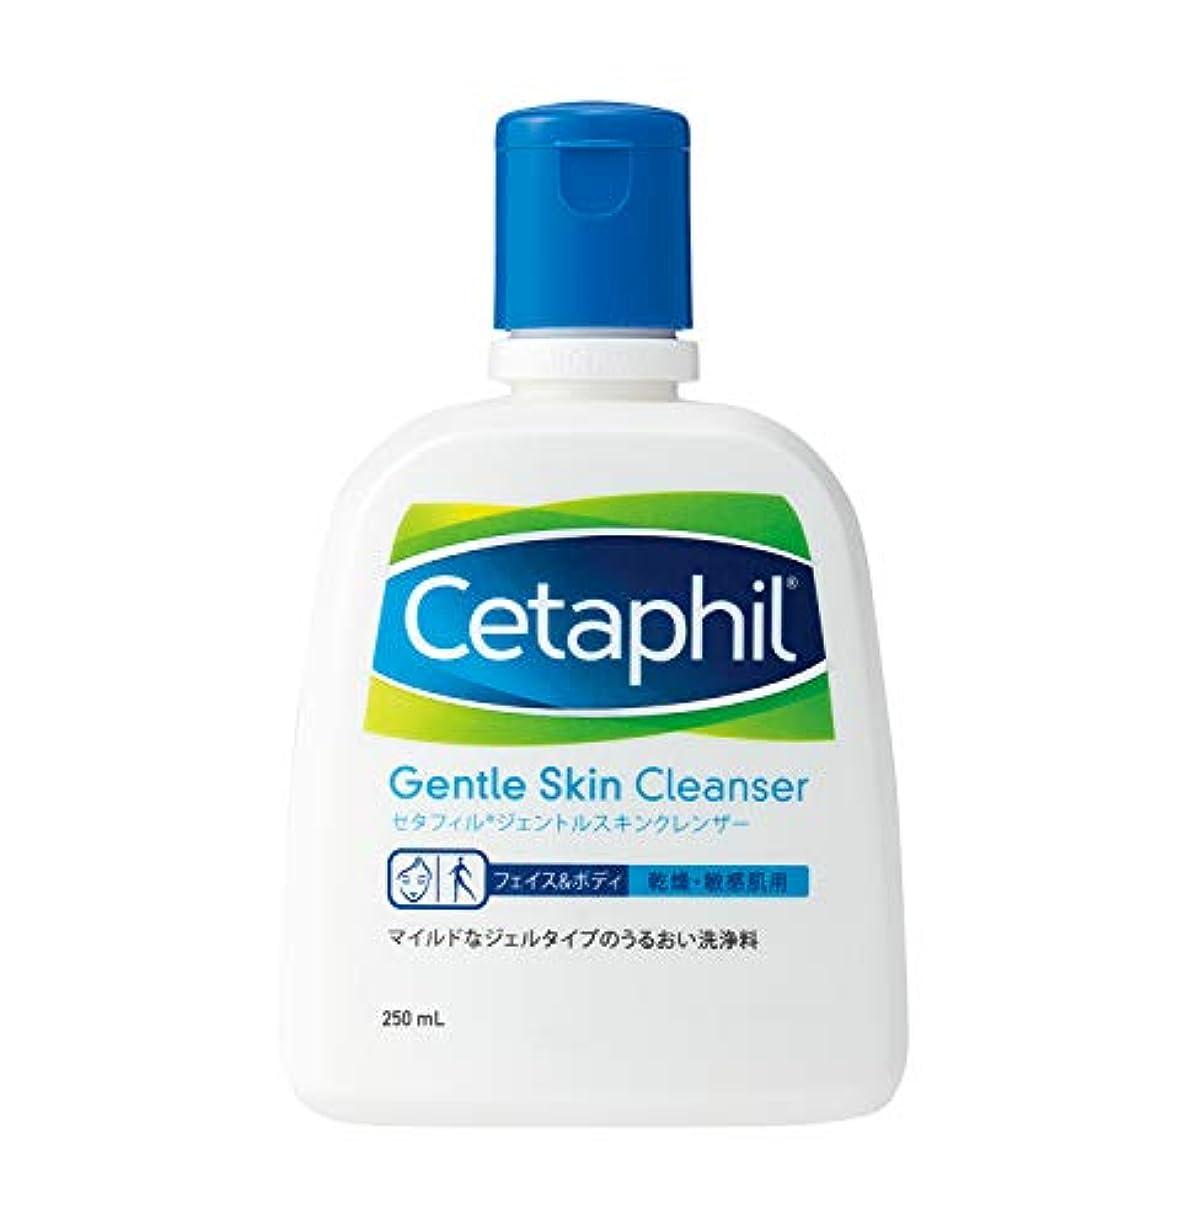 クラシック粘着性韓国セタフィル Cetaphil ® ジェントルスキンクレンザー 250ml (フェイス & ボディ 洗浄料 クレンザー)